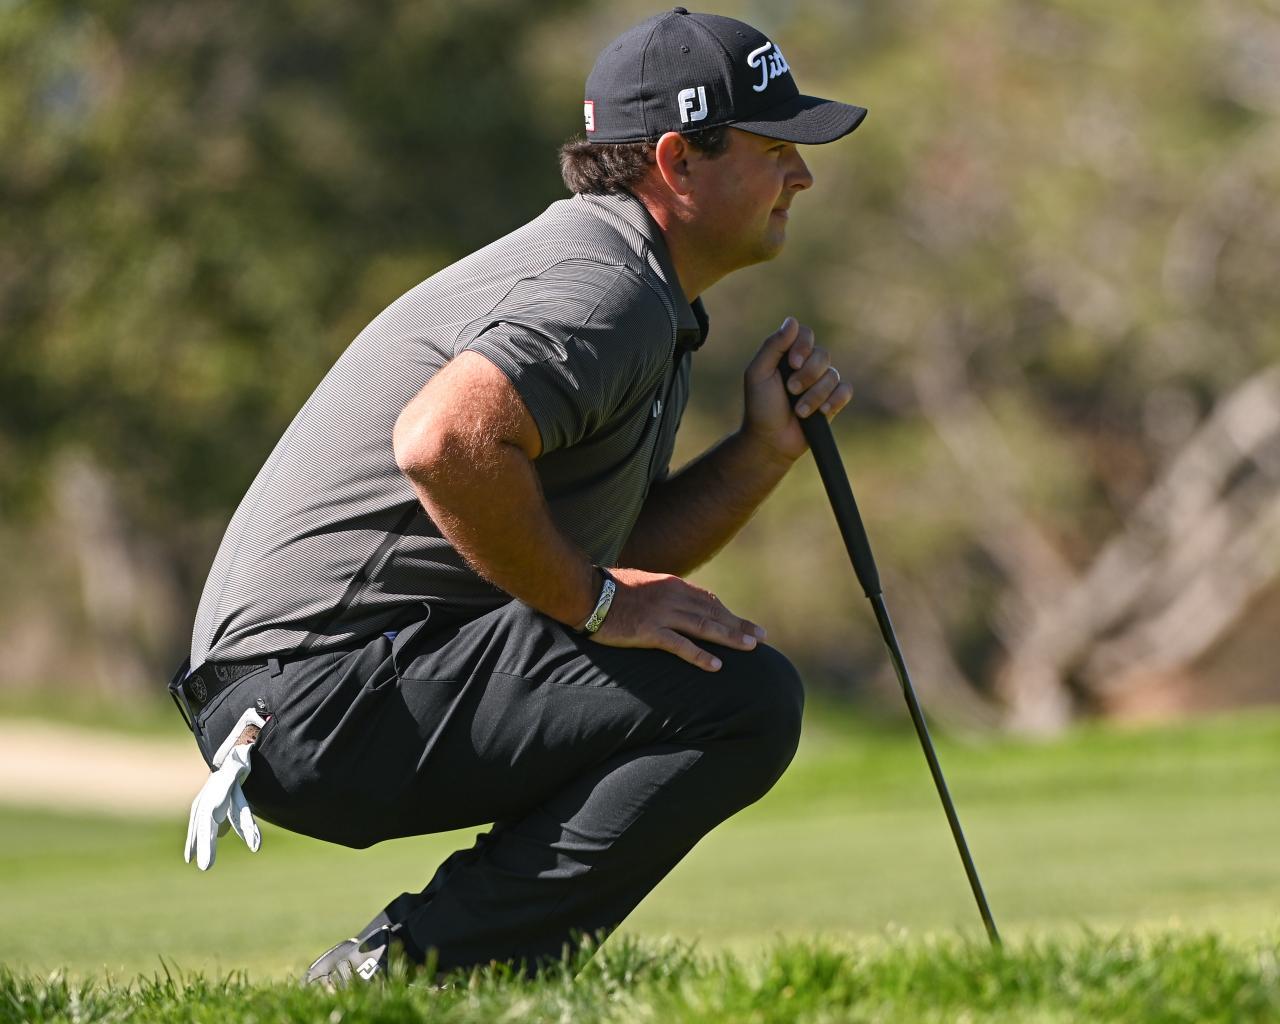 Reed kontroversial ketika dia menggunakan bola.  Foto: Golf Digest